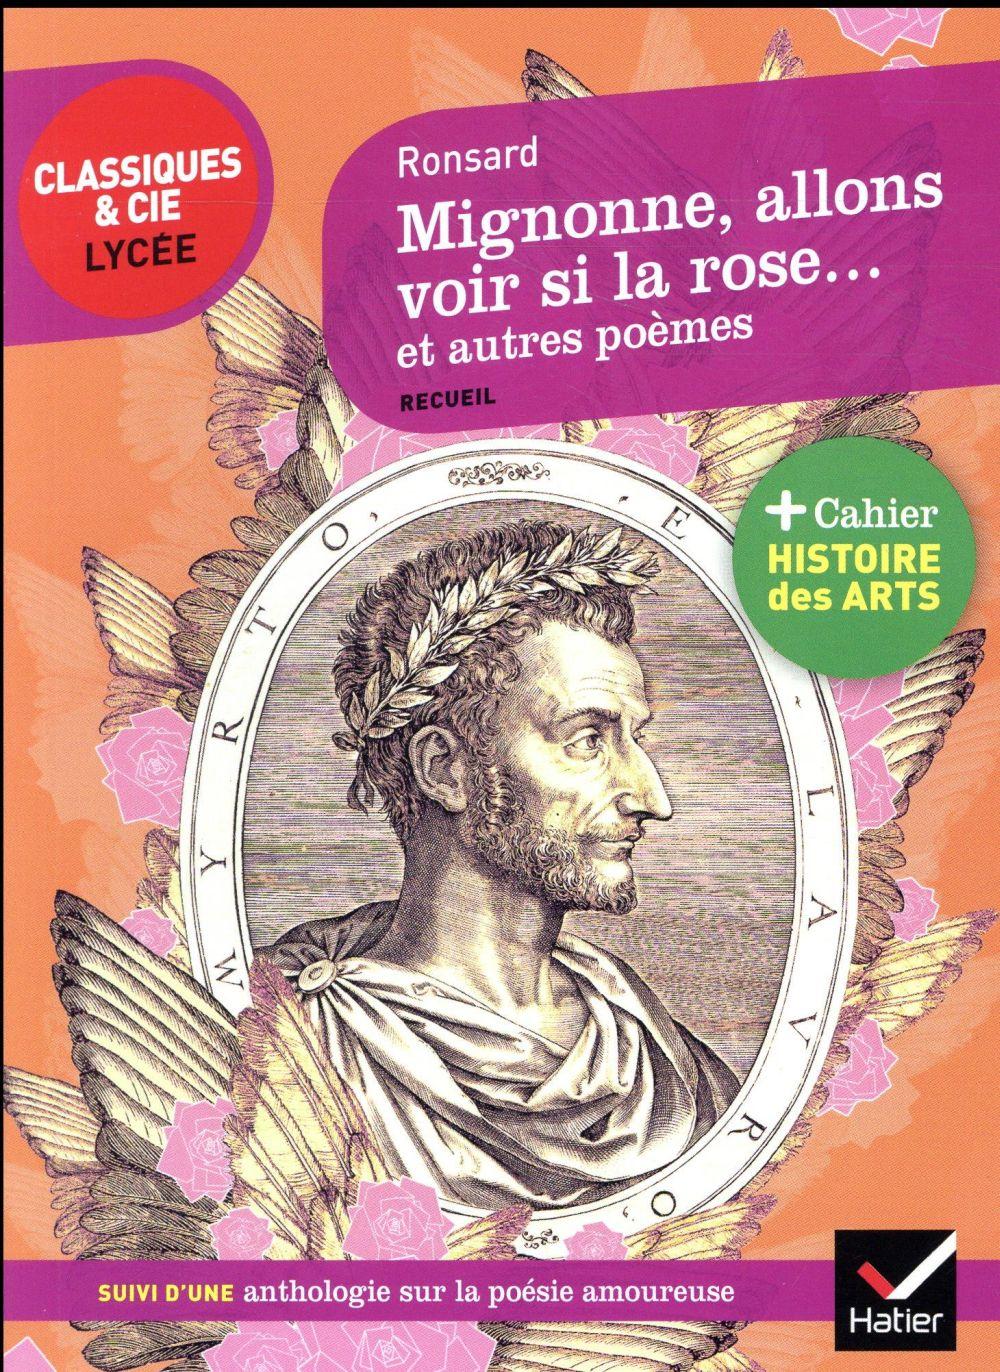 Mignonne allons voir si la rose et autres poèmes